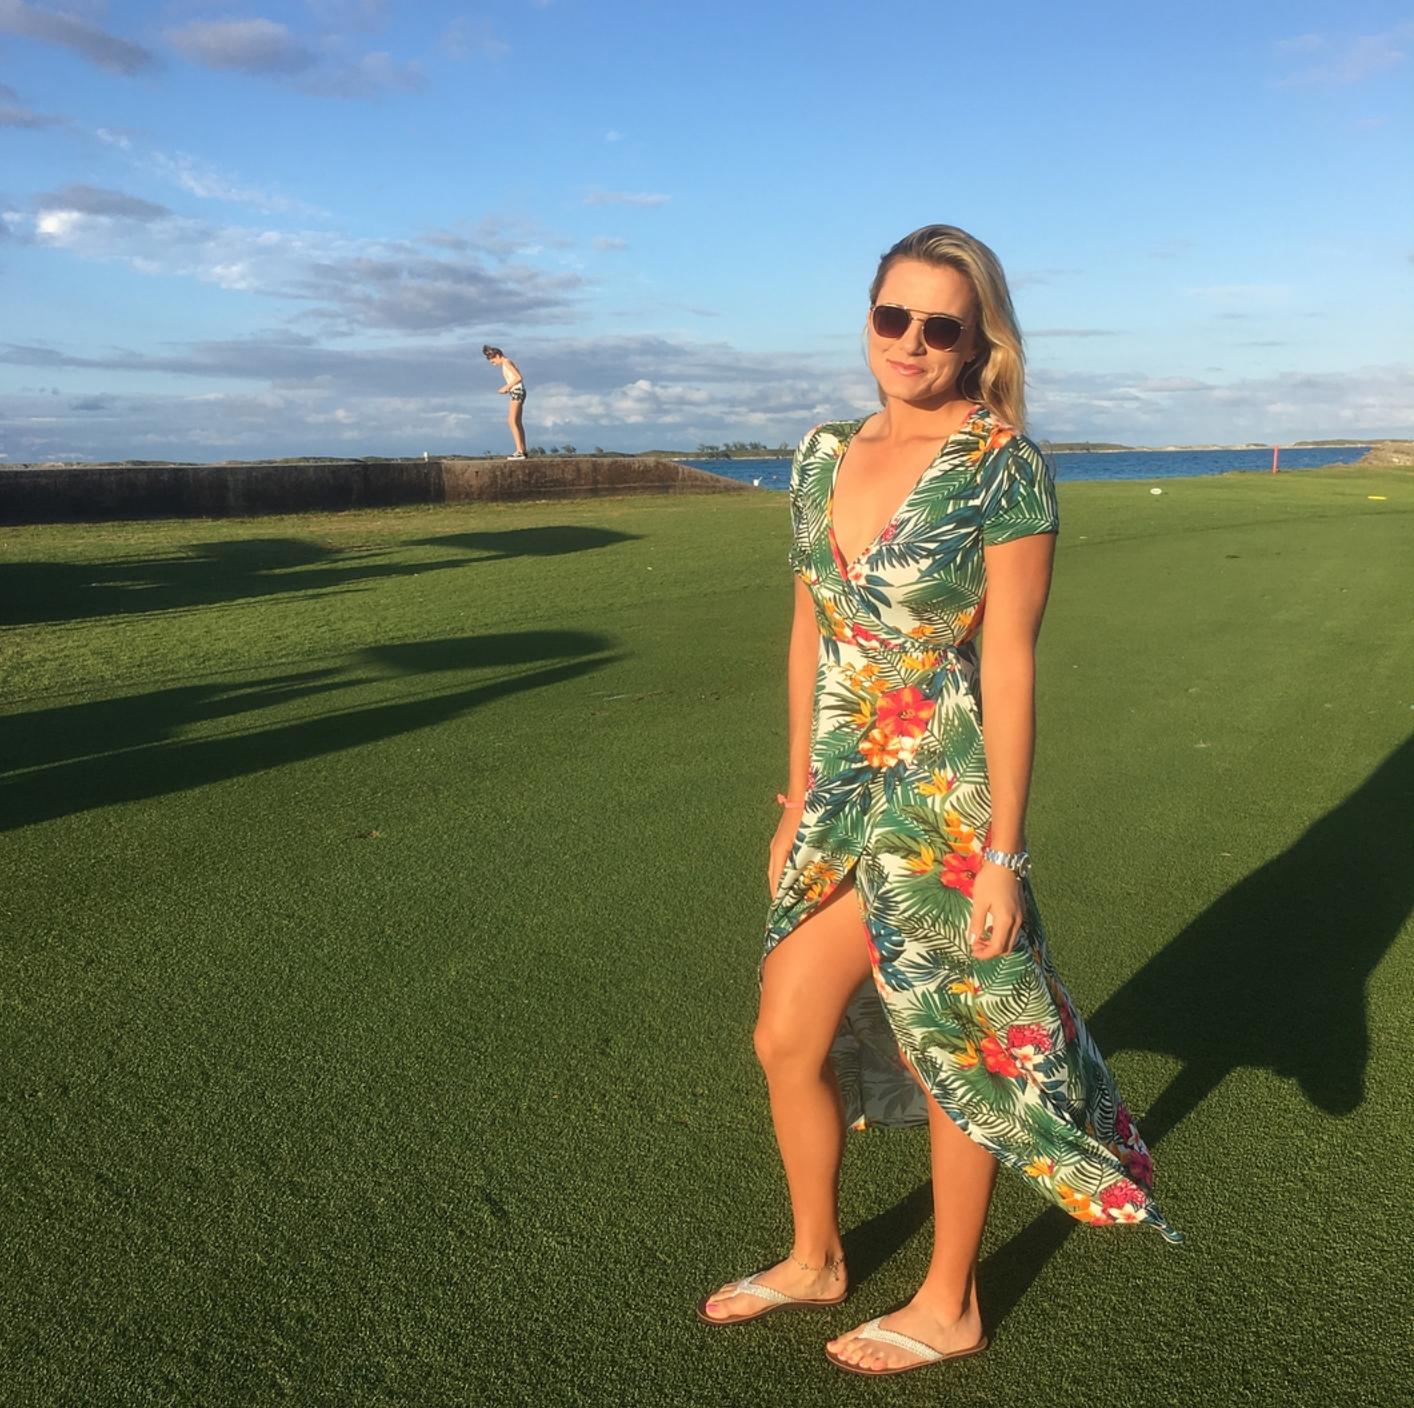 Feet Lexi Thompson nude photos 2019